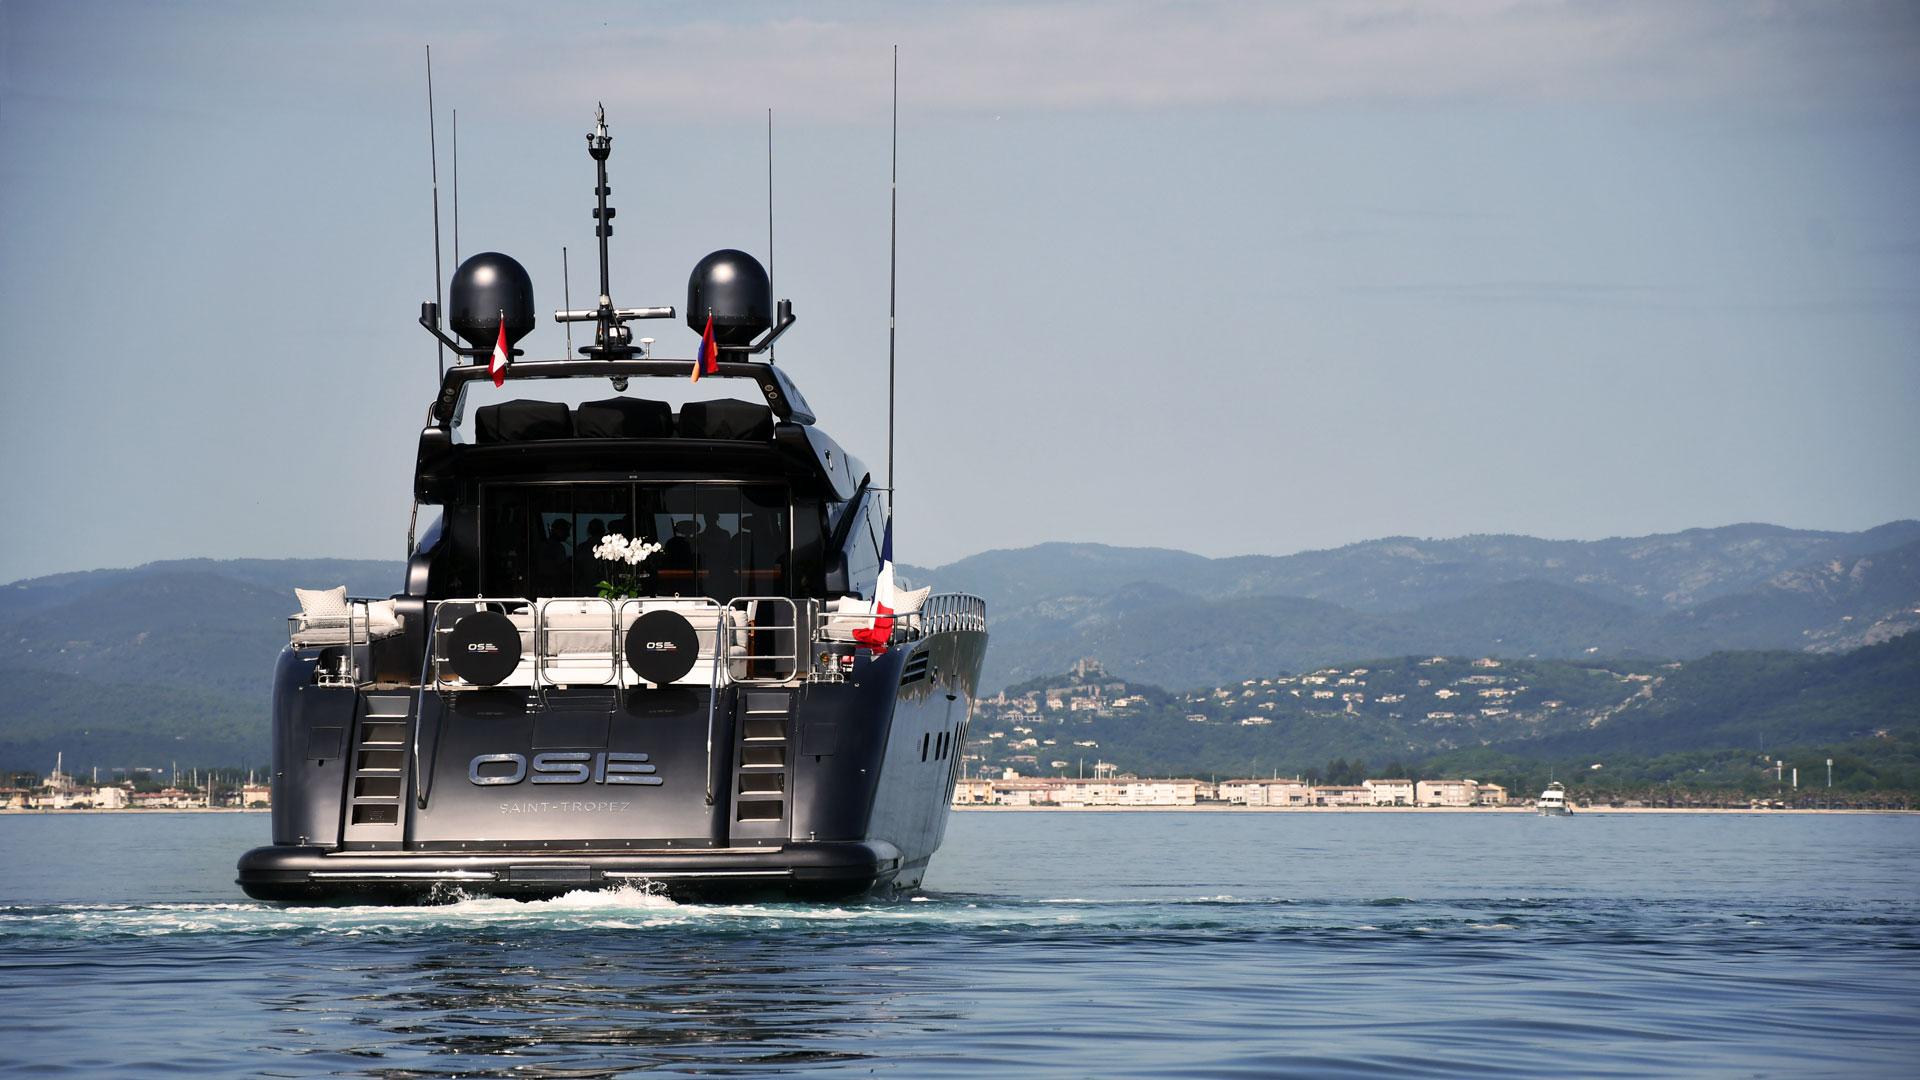 Le superyacht M/Y OSE, générateur de souvenirs inoubliables